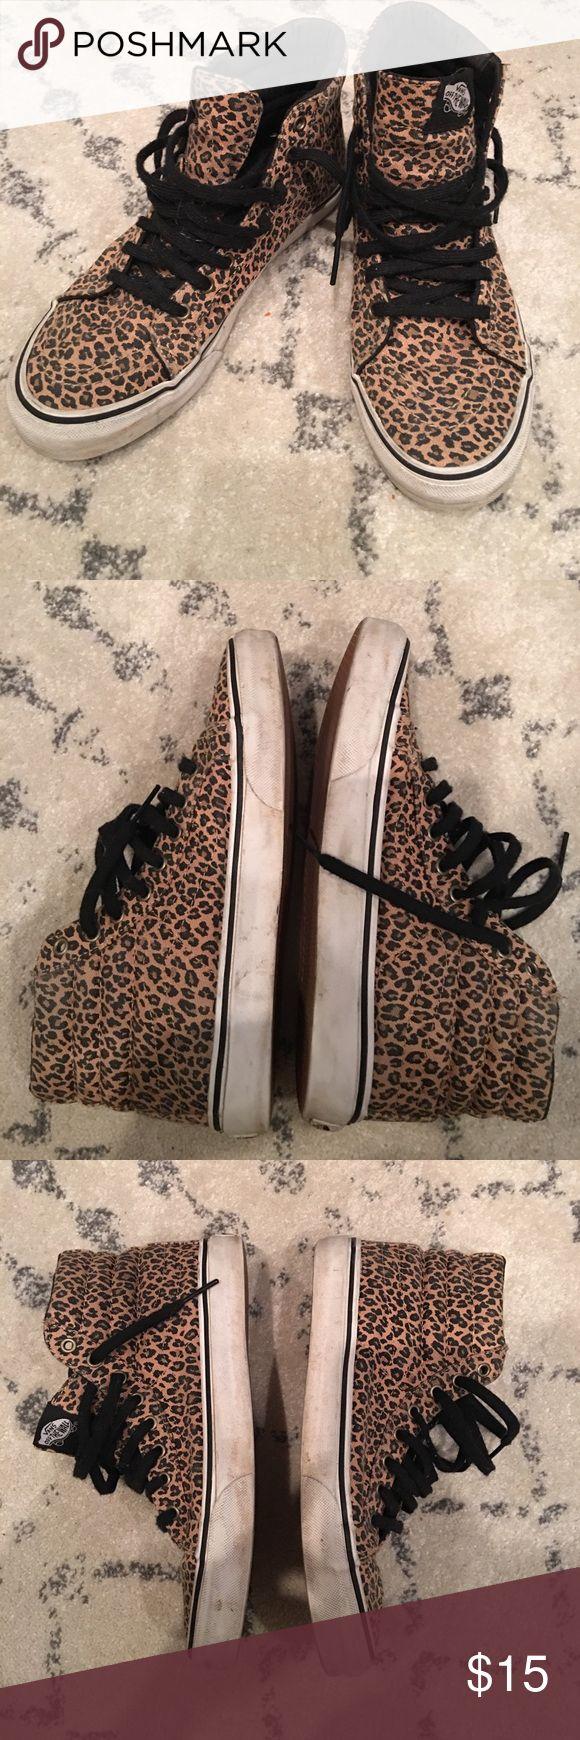 Leopard vans Men's 6.5 women's 8 leopard vans. Worn but lots of life left! Vans Shoes Sneakers